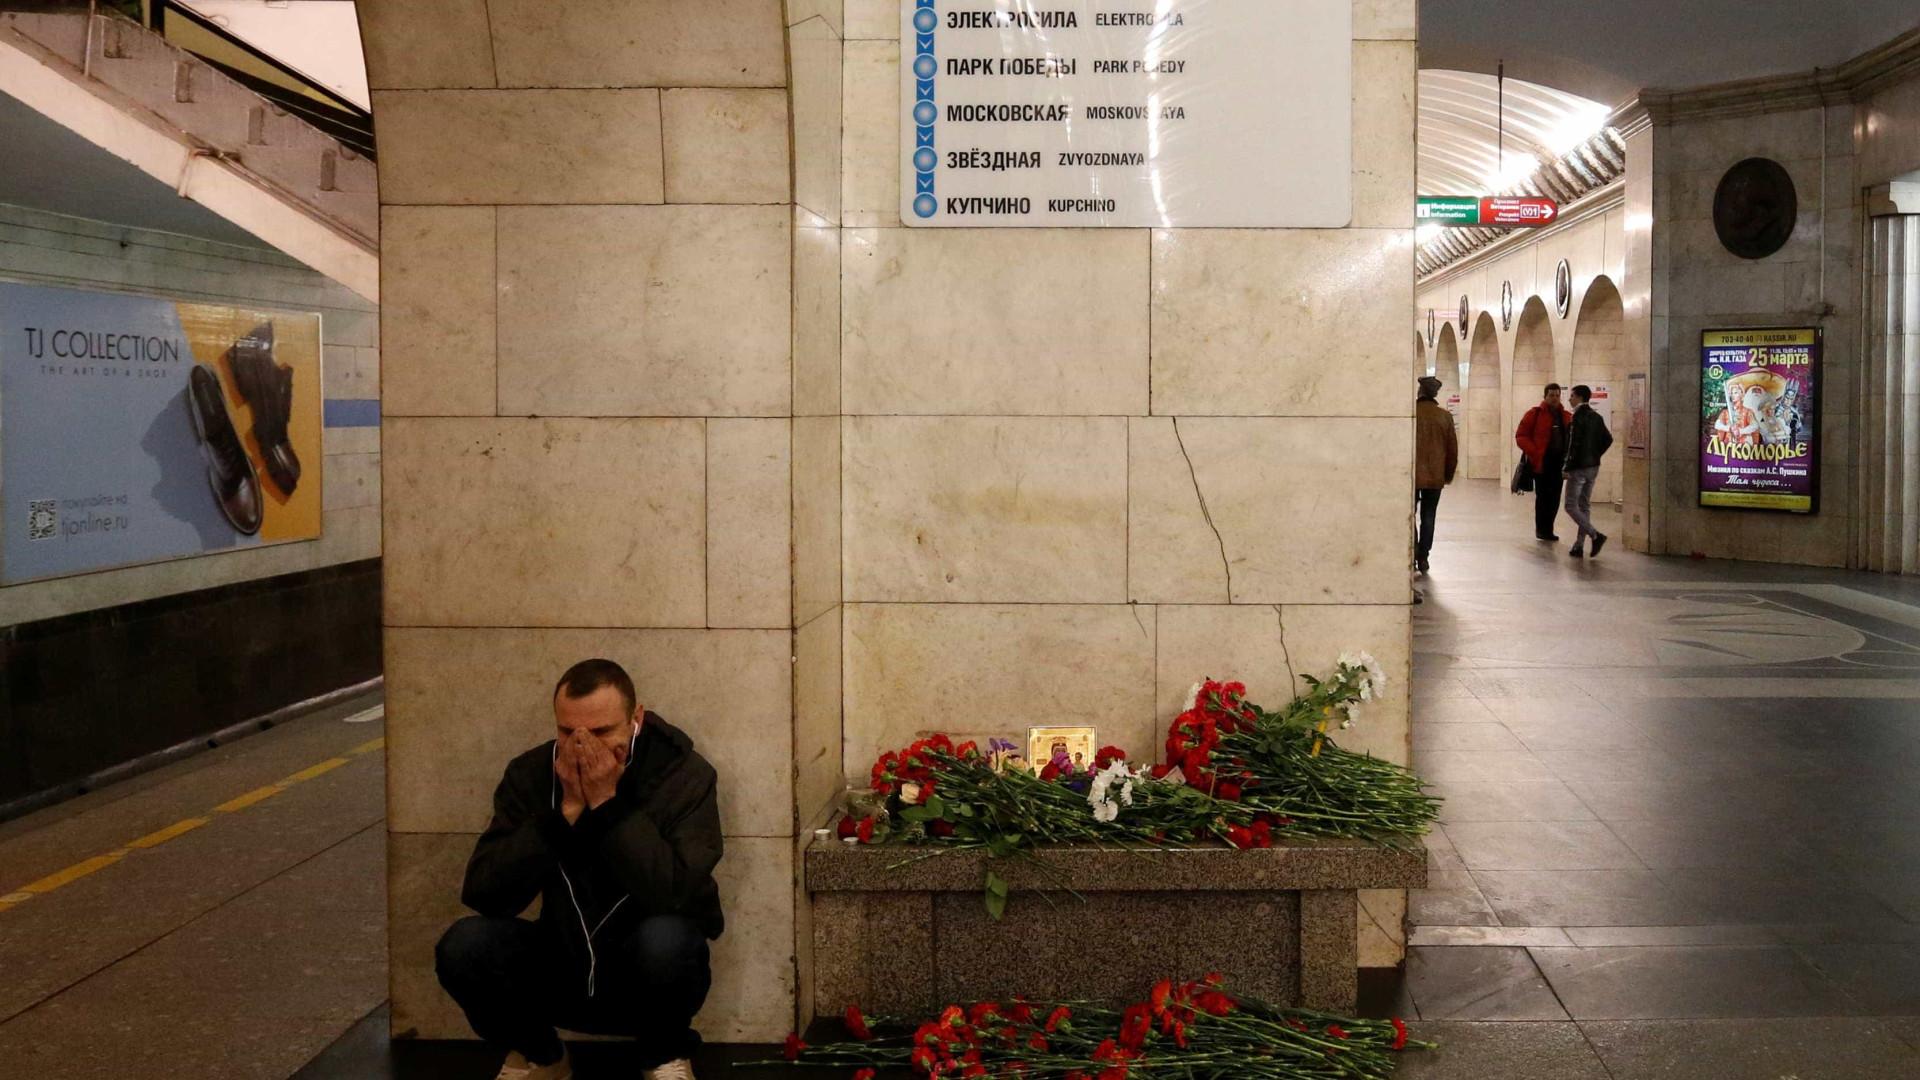 Morre mais uma vítima de atentado no metrô de São Petesburgo